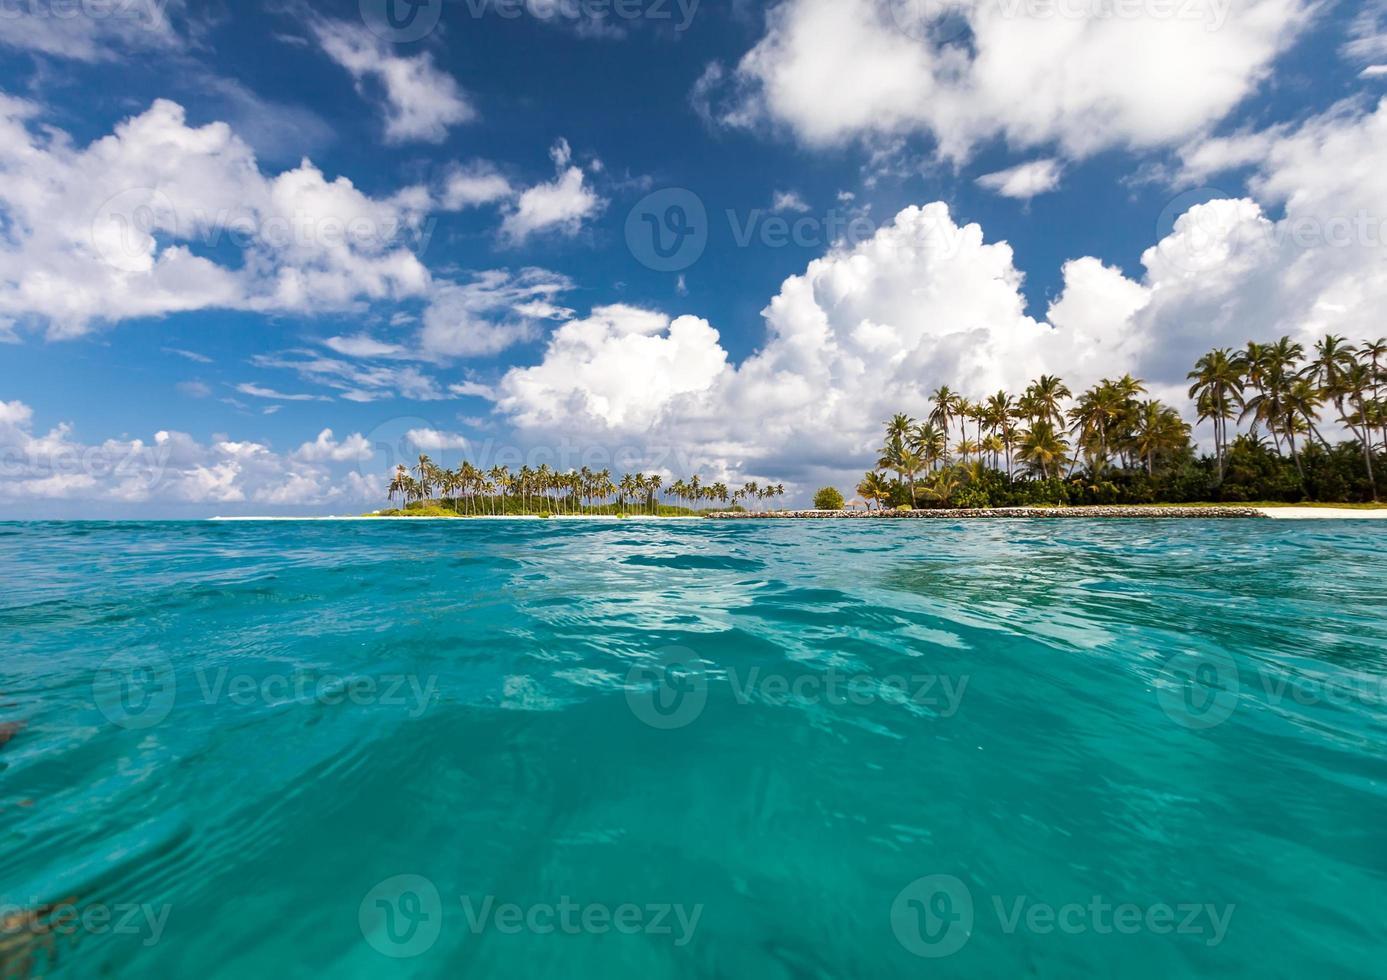 malerische Ansicht auf der Insel im Indischen Ozean foto